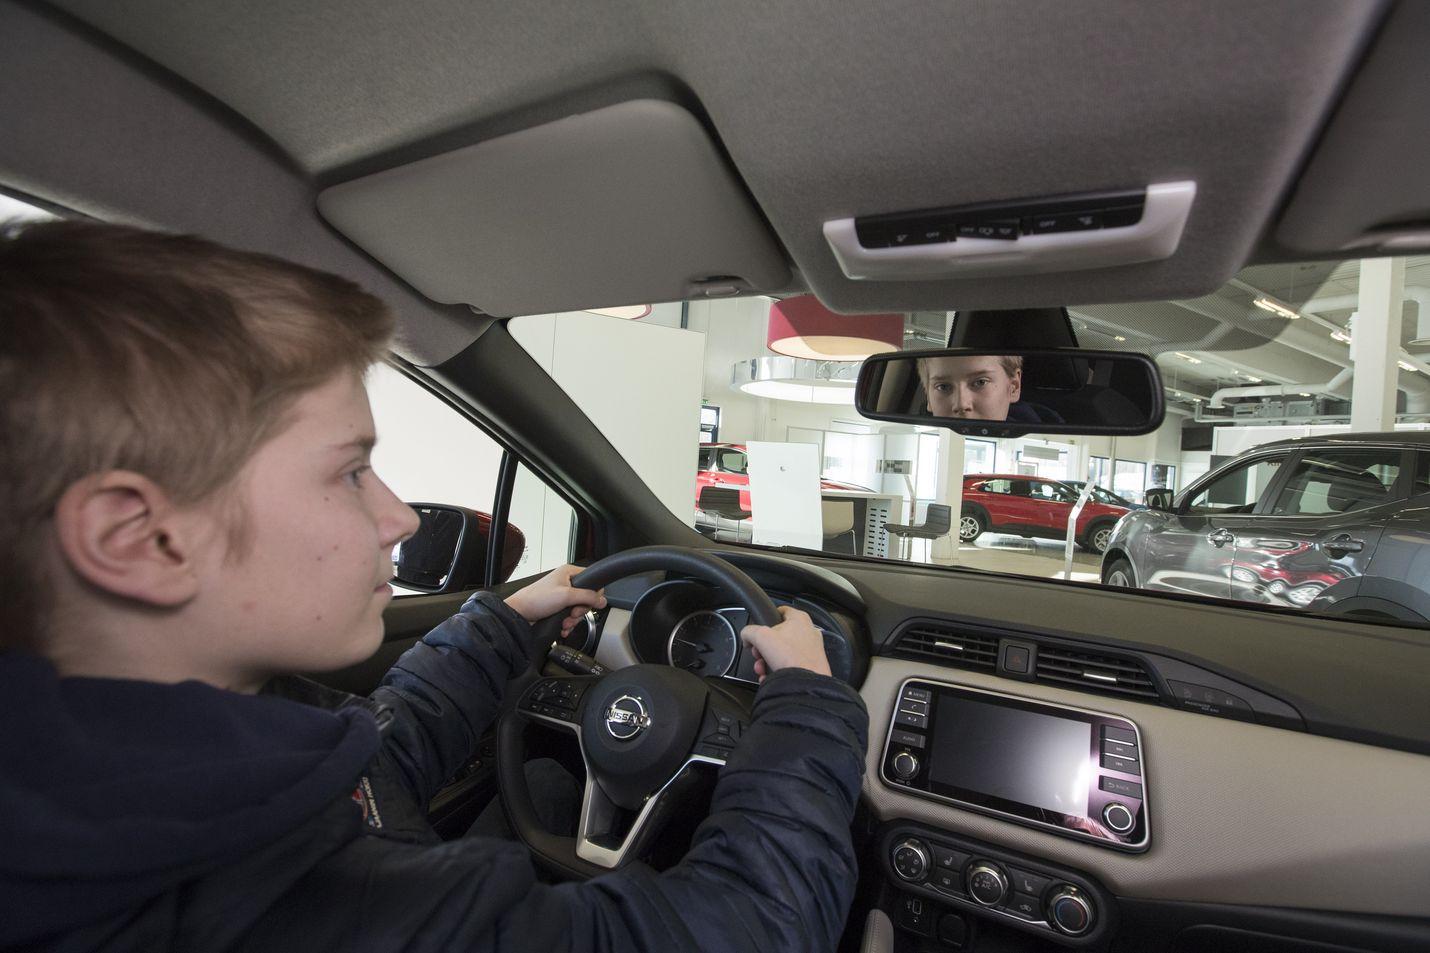 15 vuotta huhtikuussa täyttävä Arttu Sirviö istahti kevytautoksi sopivan Nissan Micran rattiin autoliikkeessä Kajaanissa. Kevytauton saa pienestä henkilöautosta rajoittamalla nopeutta 60 kilometriin tunnissa.